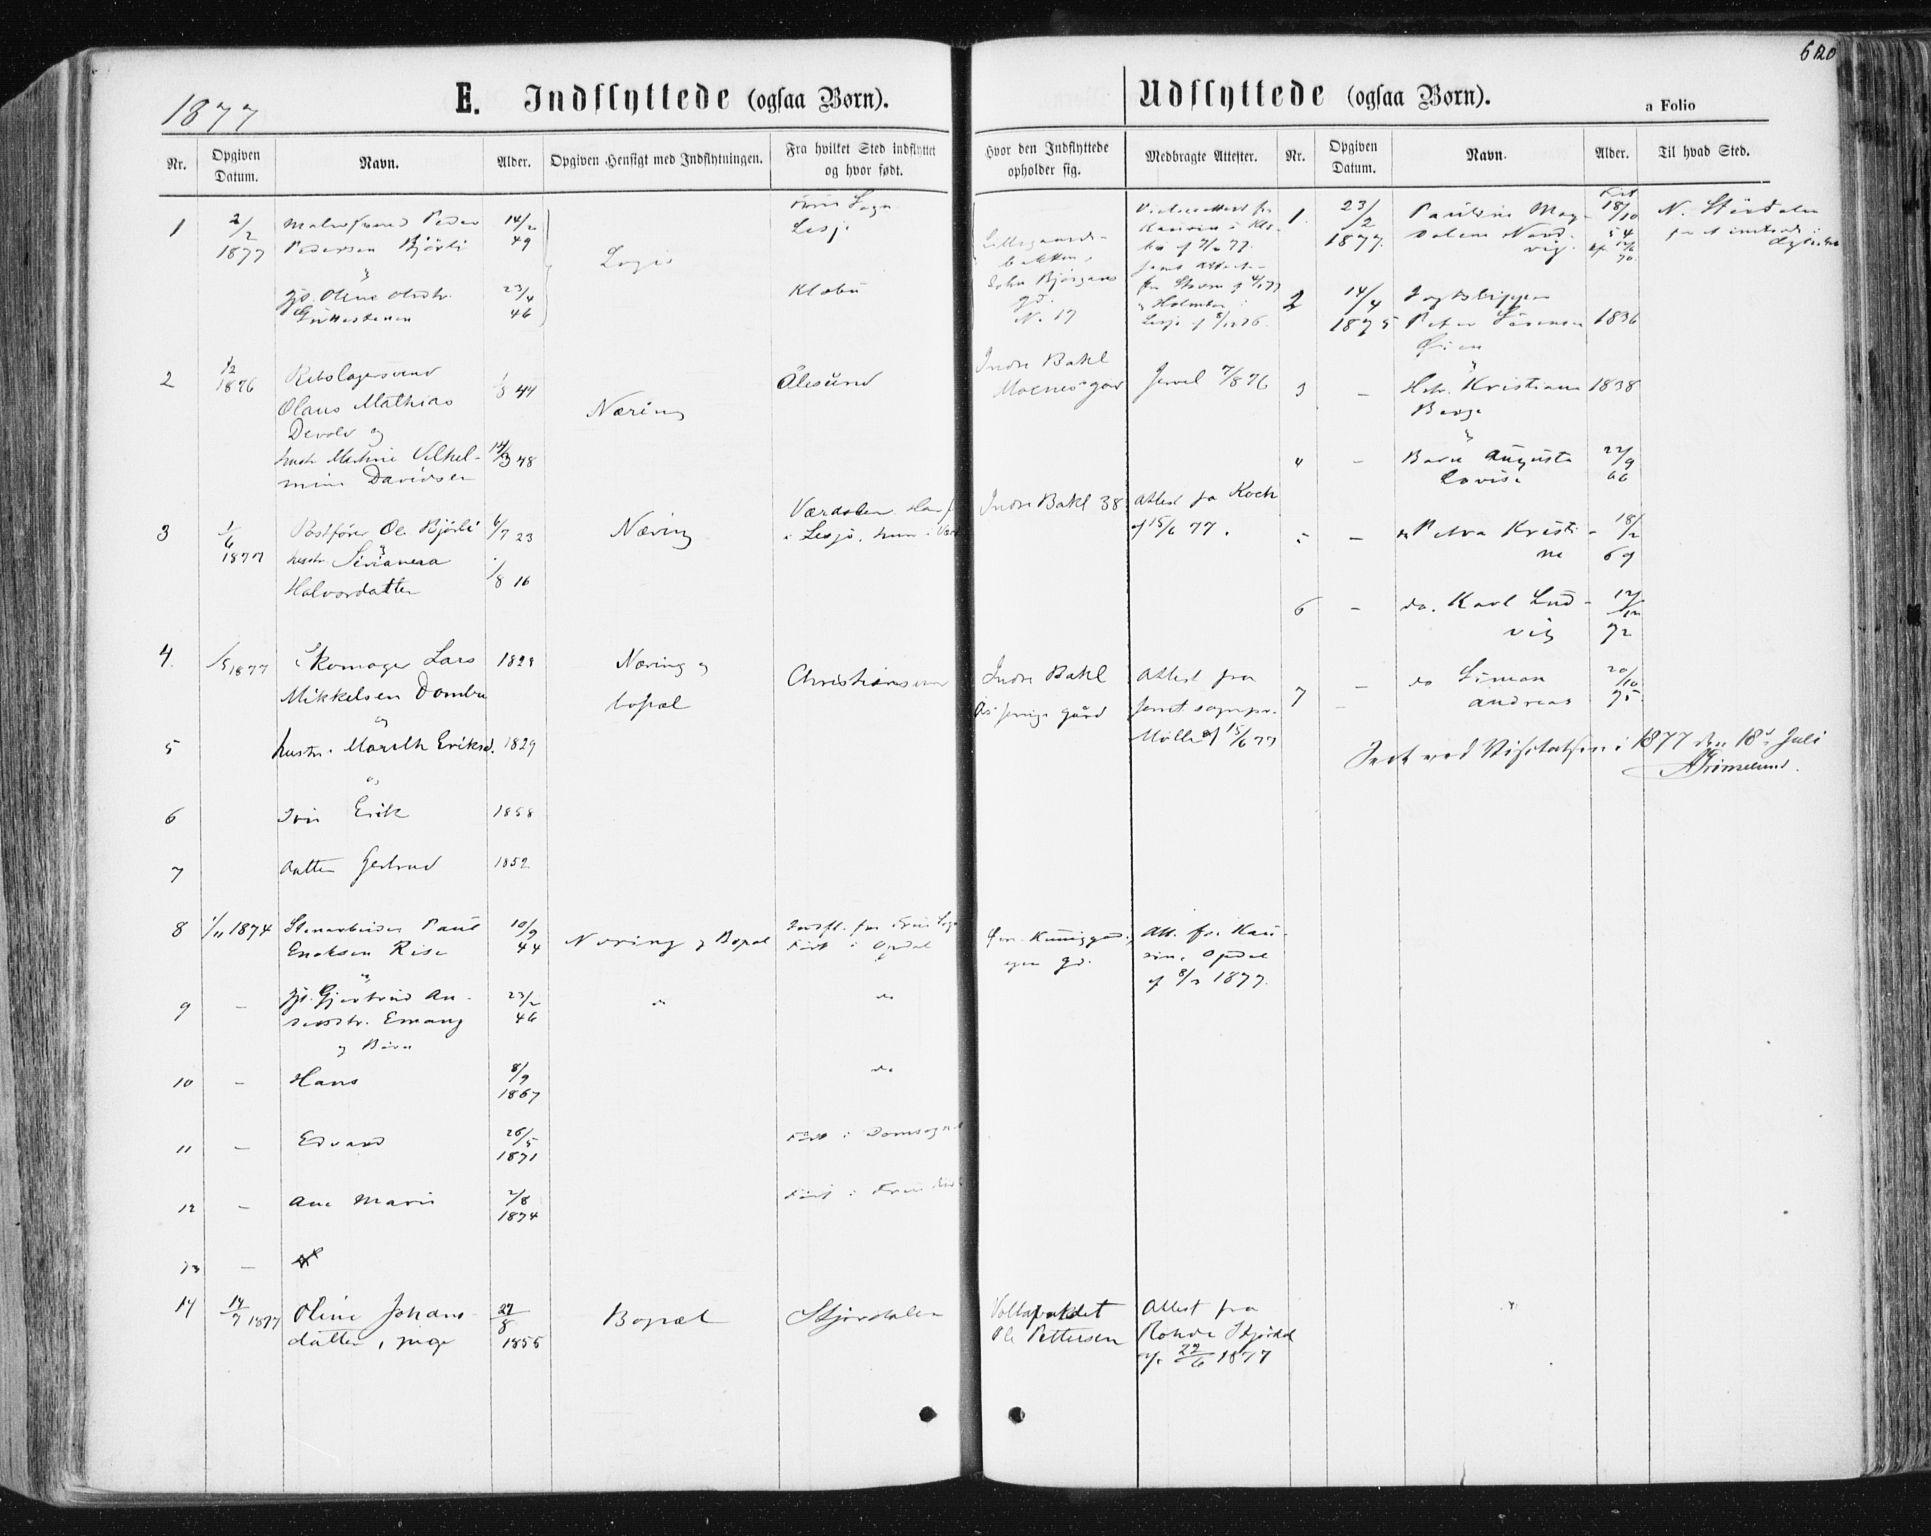 SAT, Ministerialprotokoller, klokkerbøker og fødselsregistre - Sør-Trøndelag, 604/L0186: Ministerialbok nr. 604A07, 1866-1877, s. 620